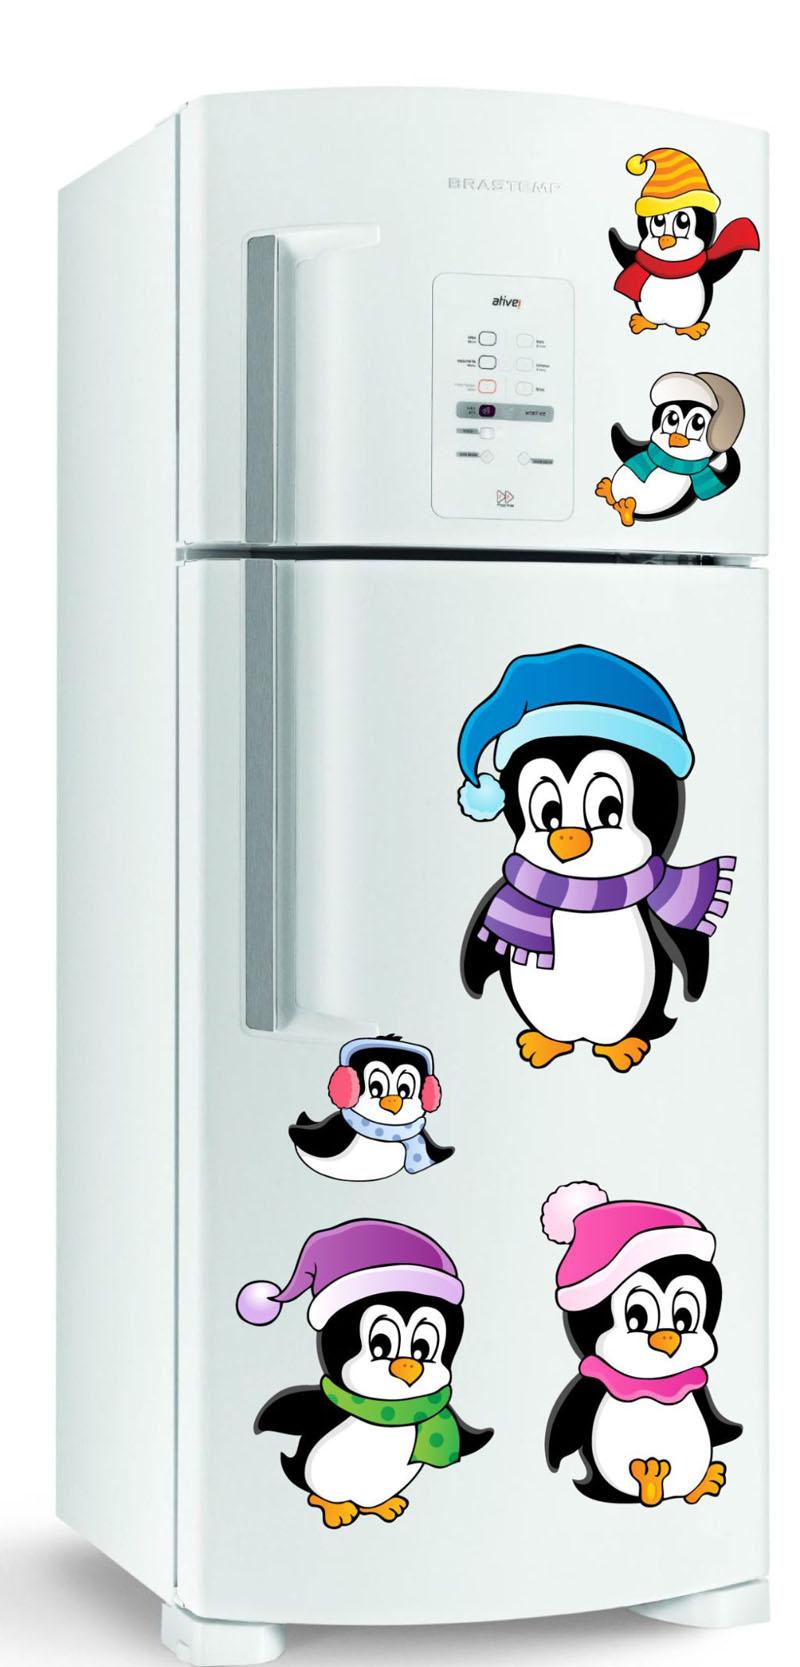 Melhores adesivos para geladeira